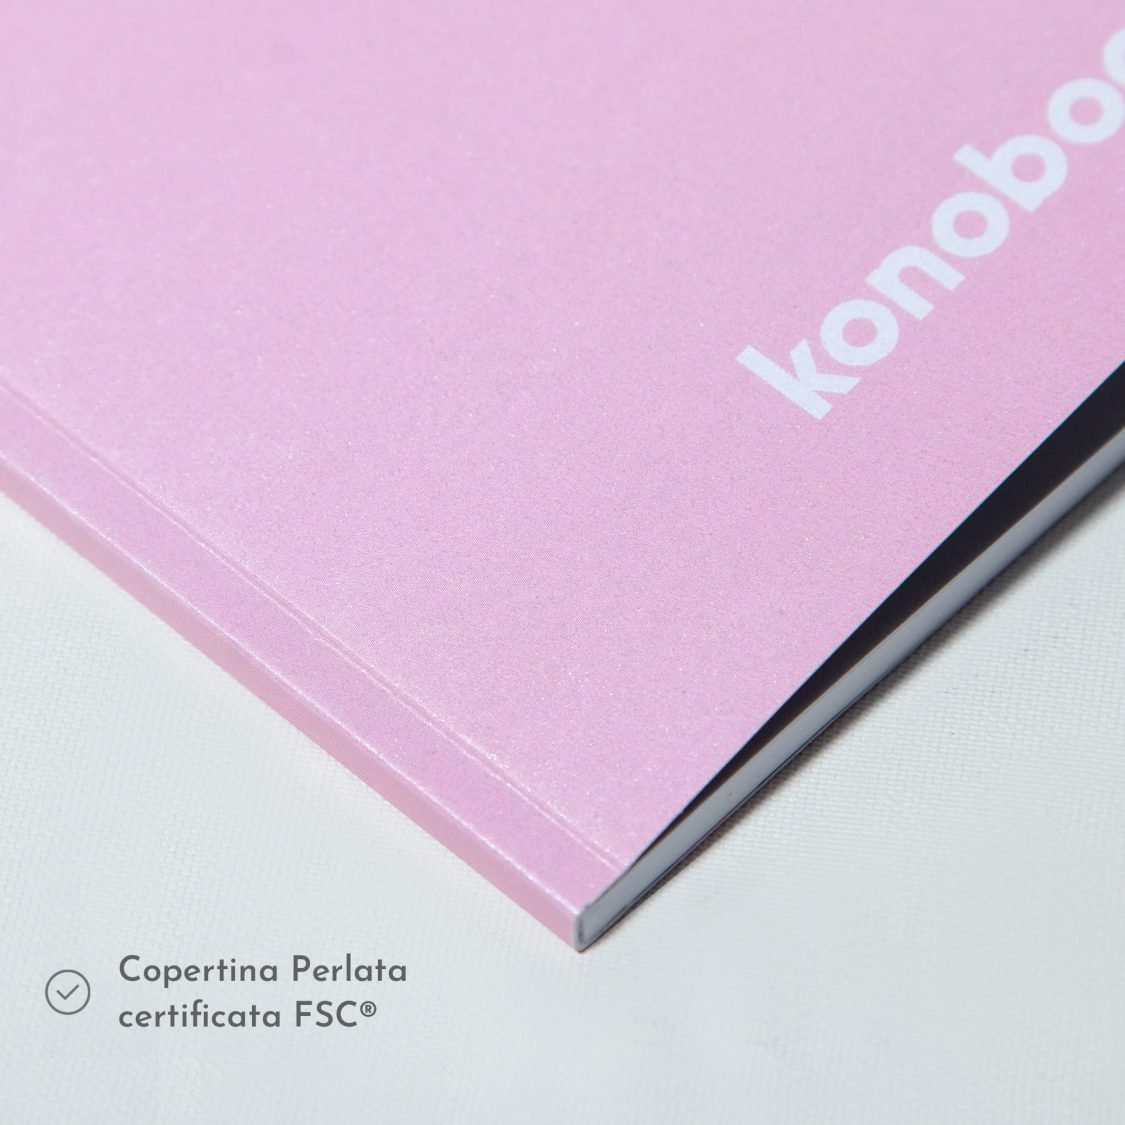 Quaderno in brossura - quaderno copertina perlata Fsc